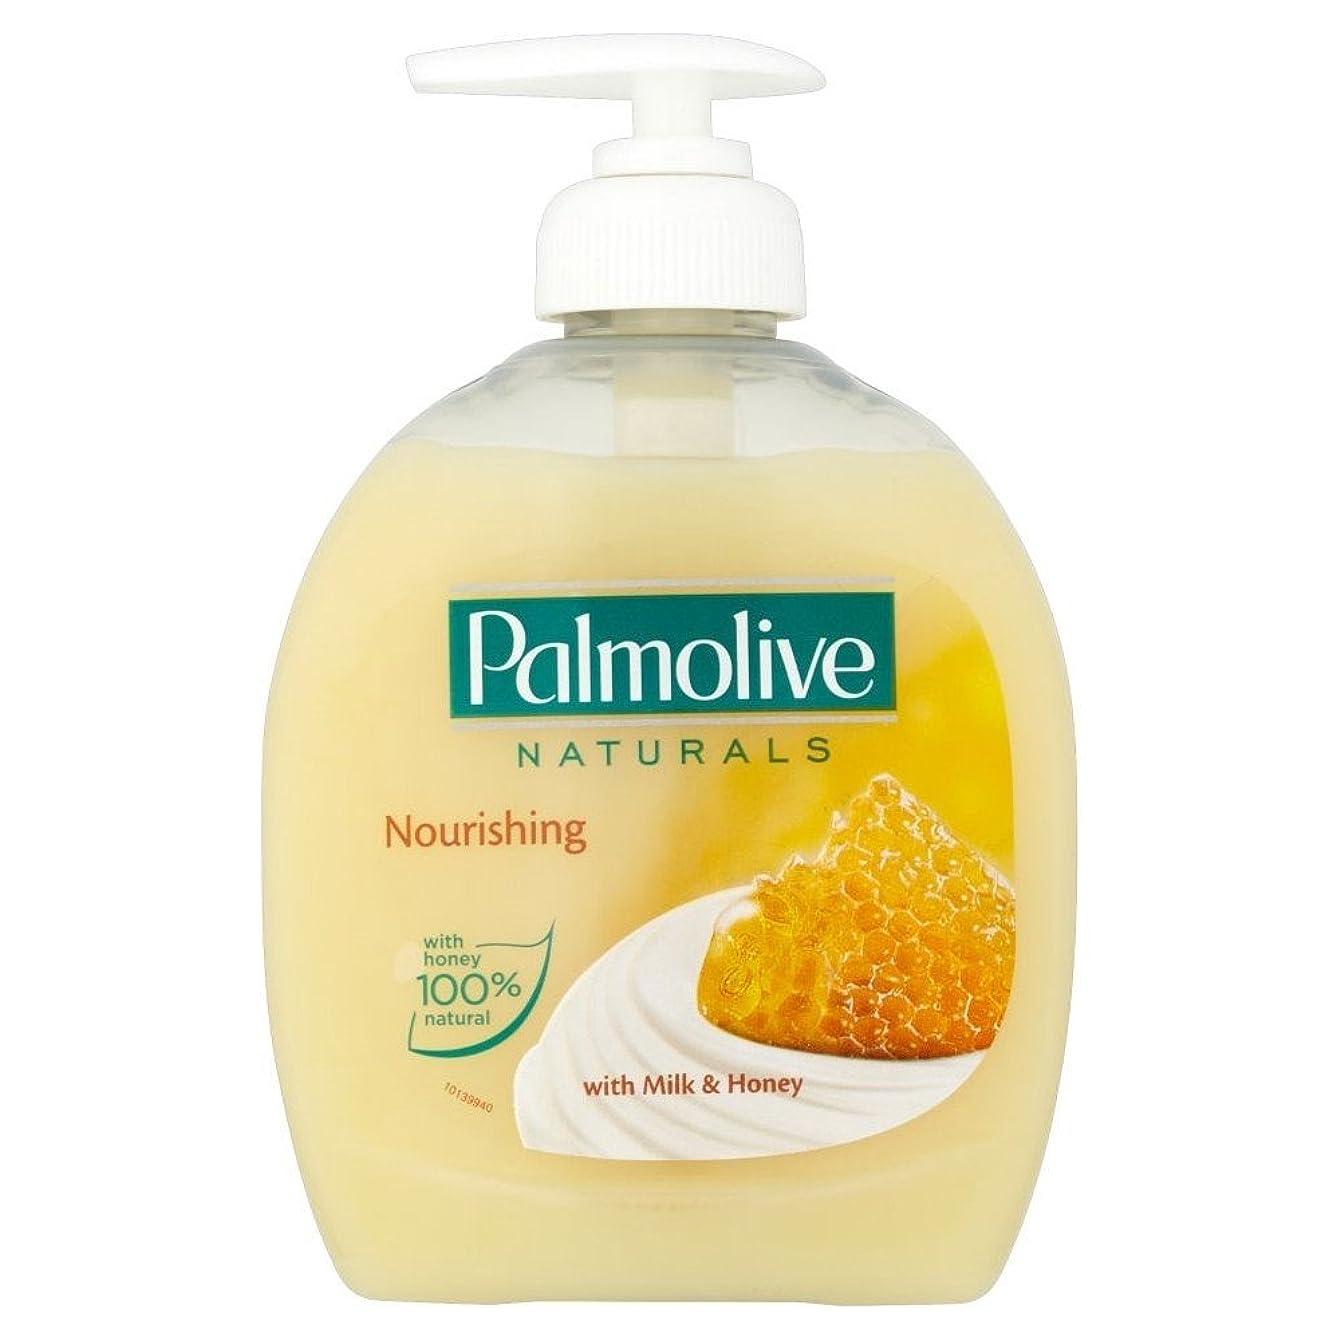 代わりのガードアミューズメントPalmolive Naturals Nourishing Milk & Honey Liquid Handwash for Very Dry Skin (300ml) 非常に乾燥肌のための乳と蜜の液体手洗い栄養パルモナチュラルズ( 300ミリリットル) [並行輸入品]